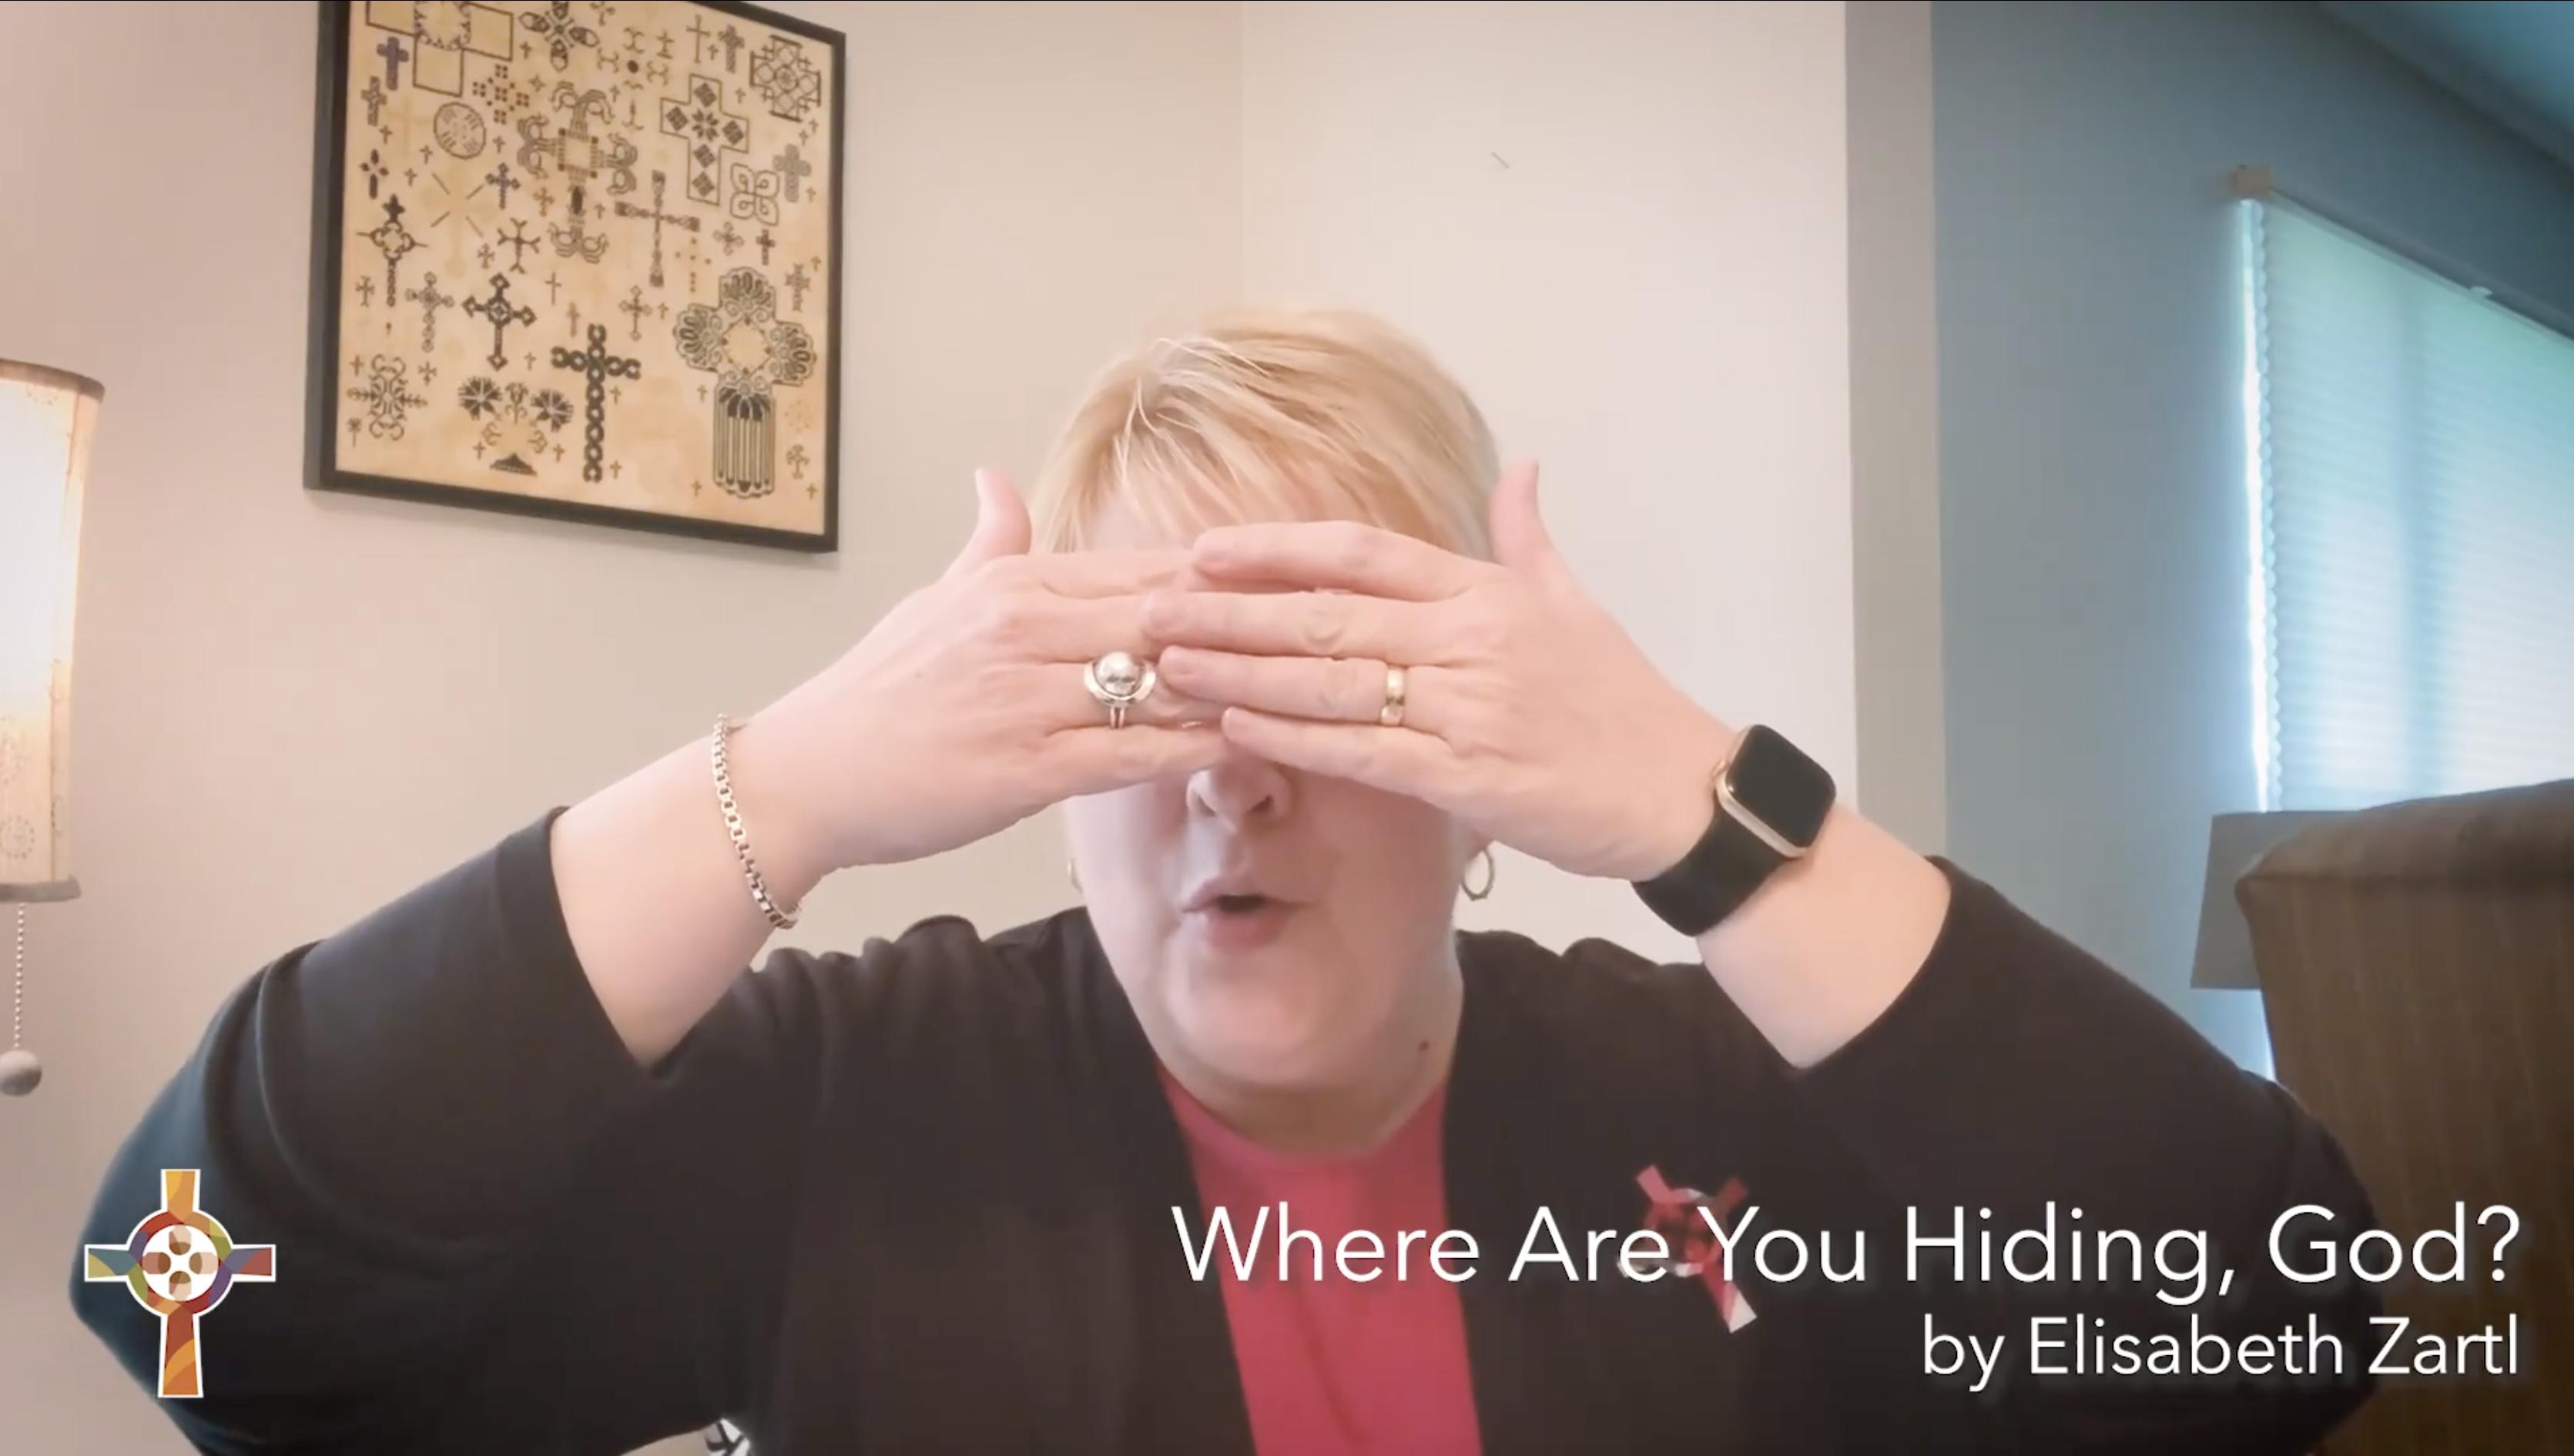 Where are you hiding, God?